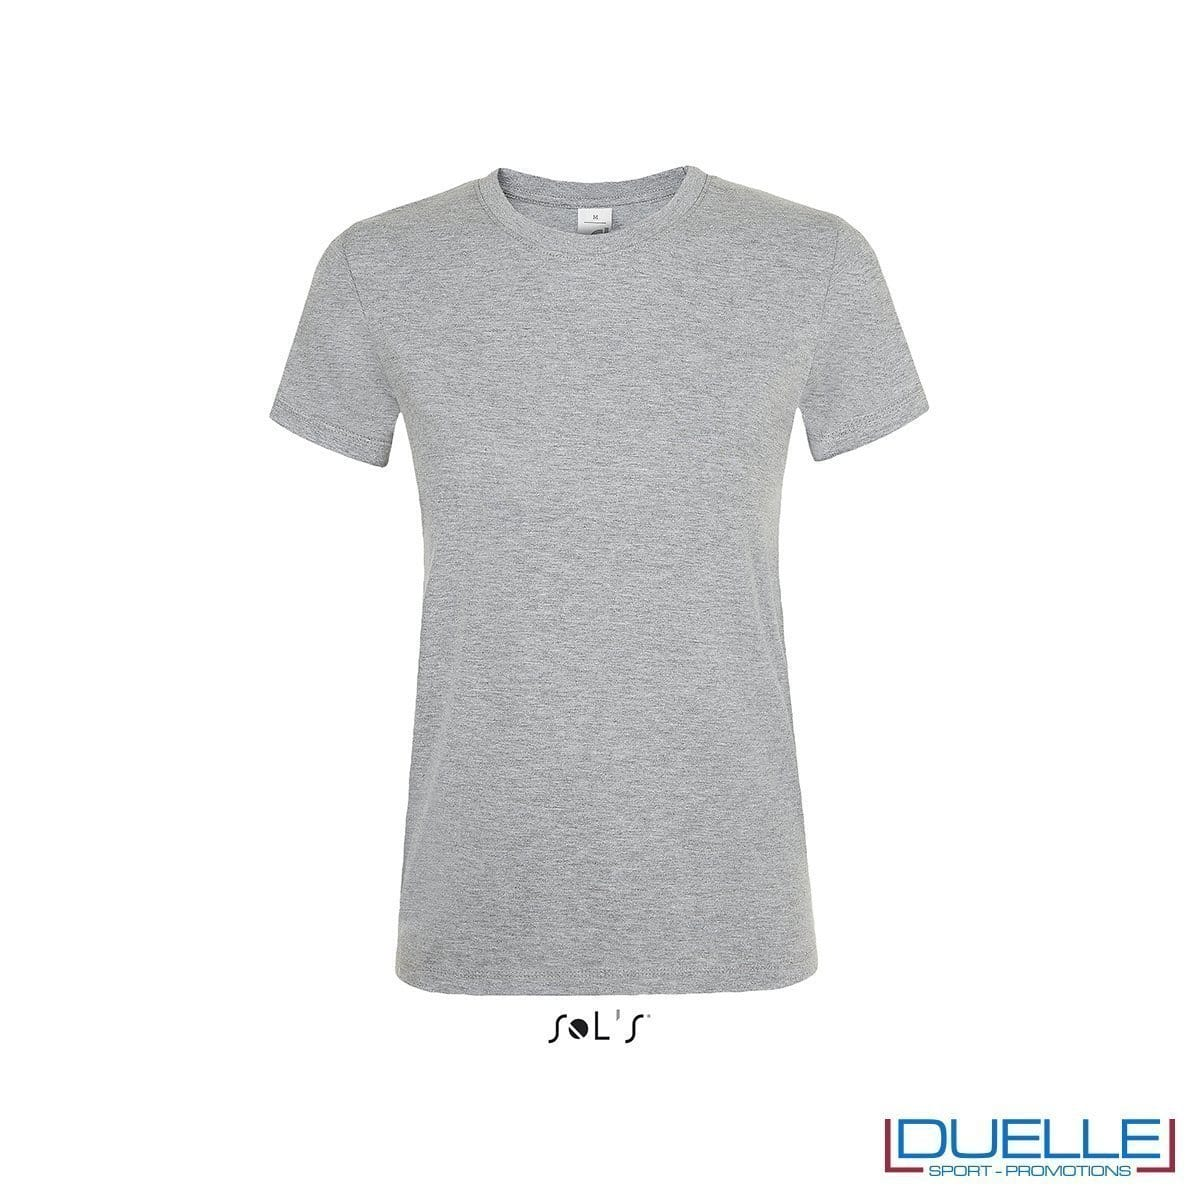 T-shirt donna personalizzata colore grigio melange